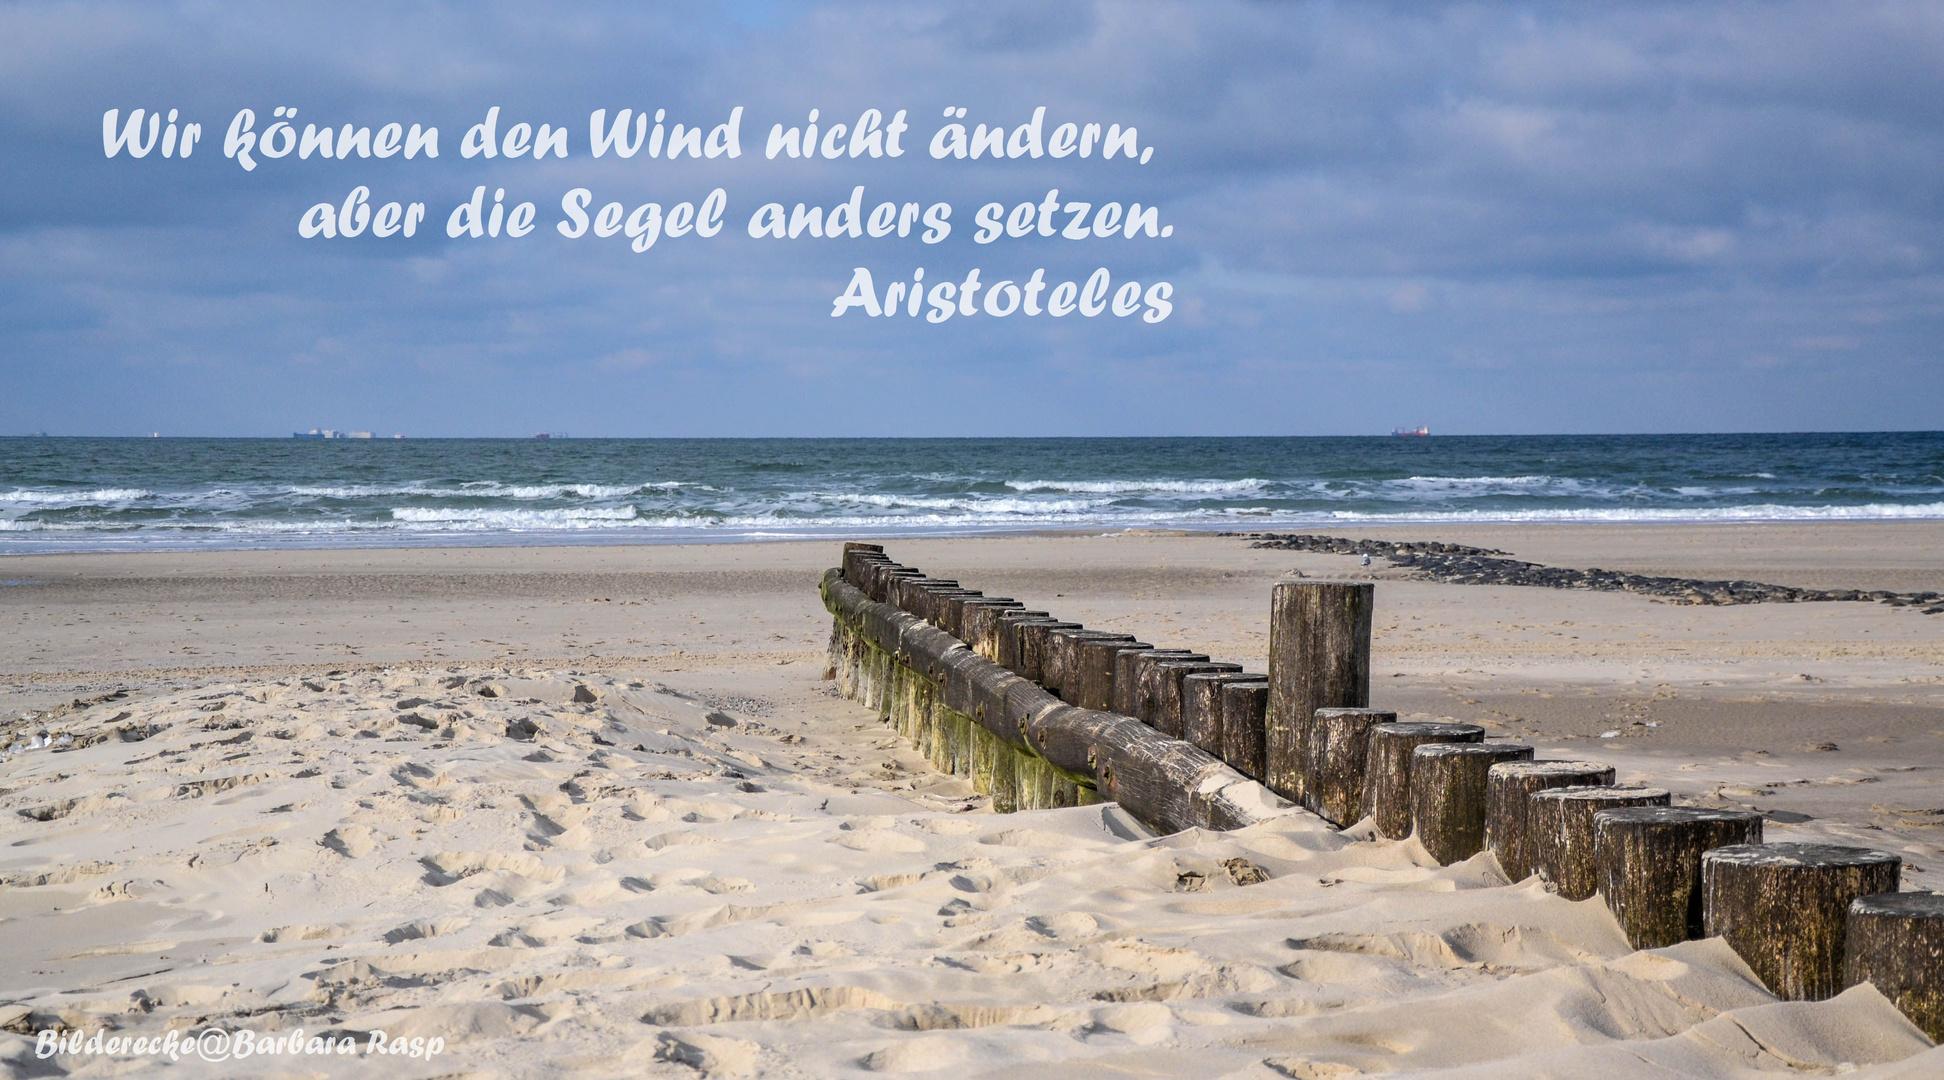 Wir können den Wind nicht ändern....